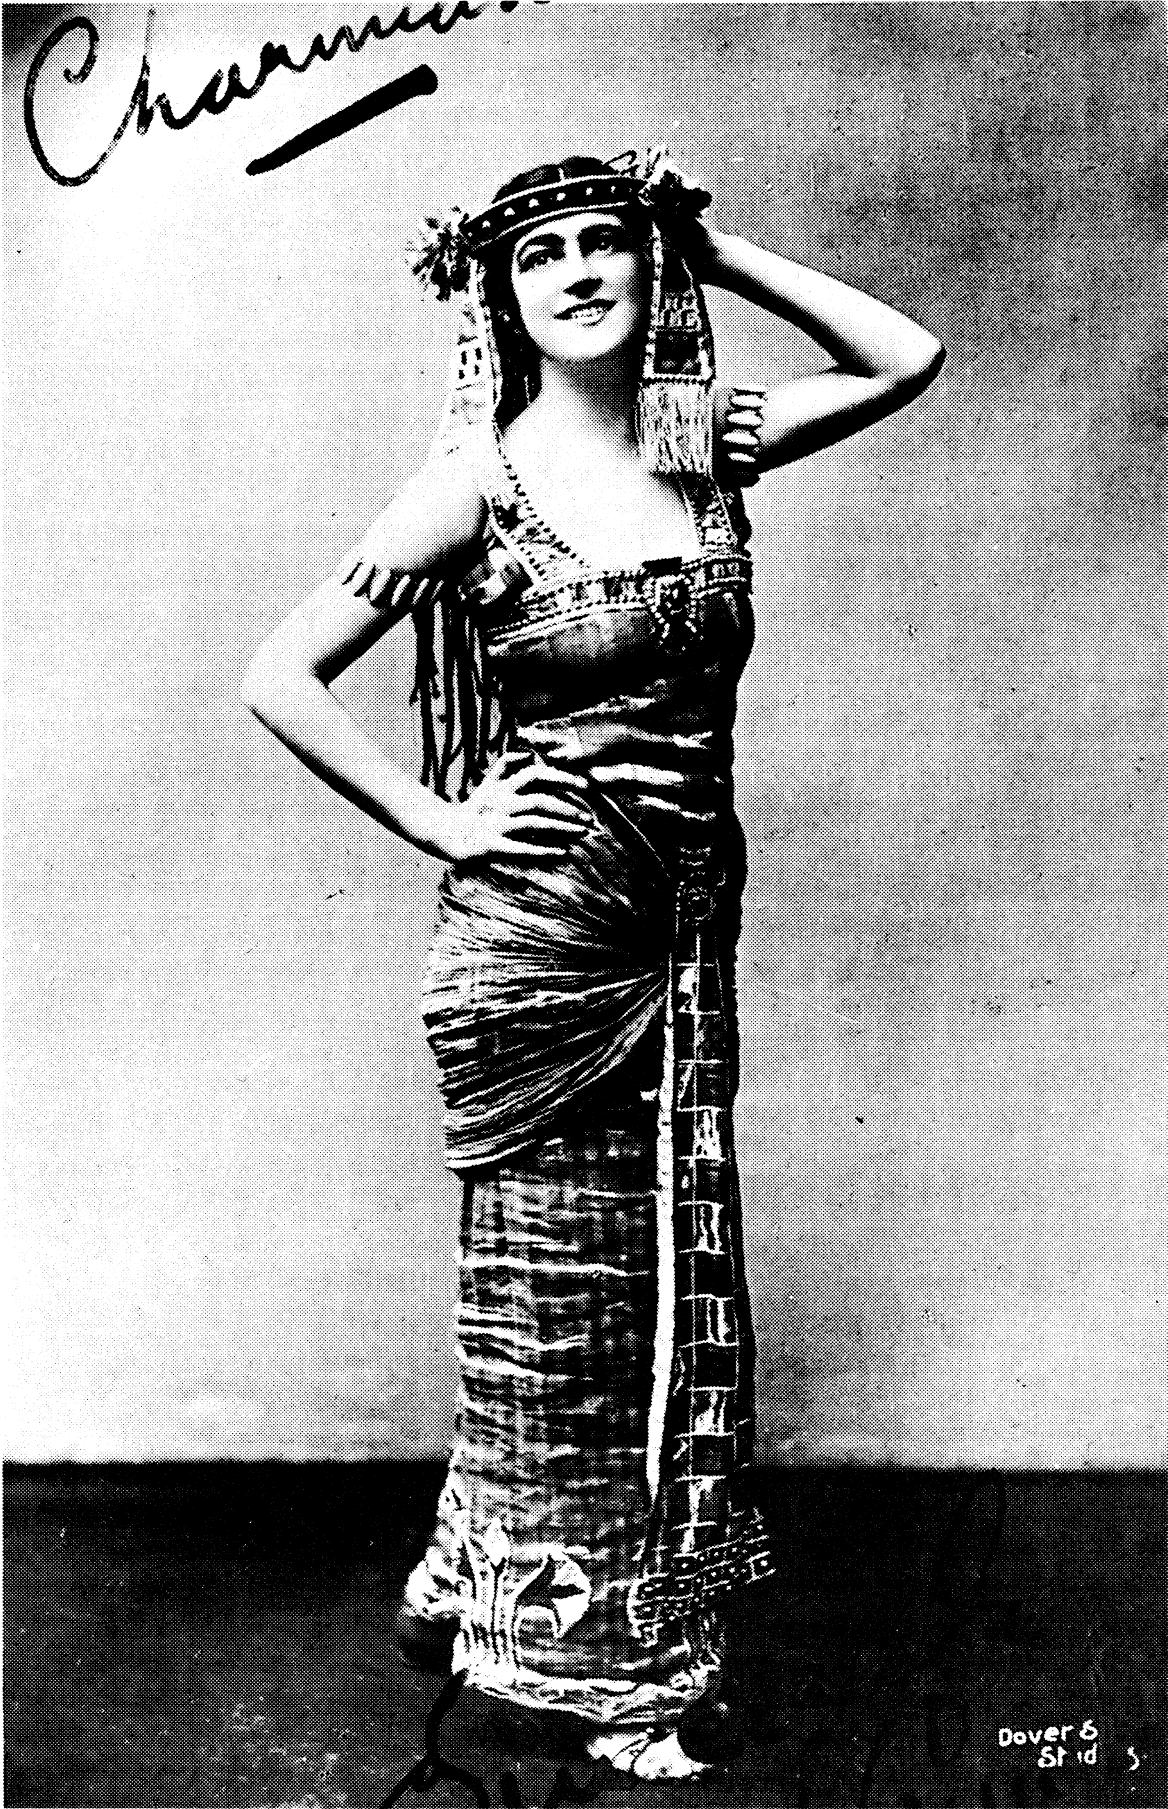 Introduction - Antony and Cleopatra